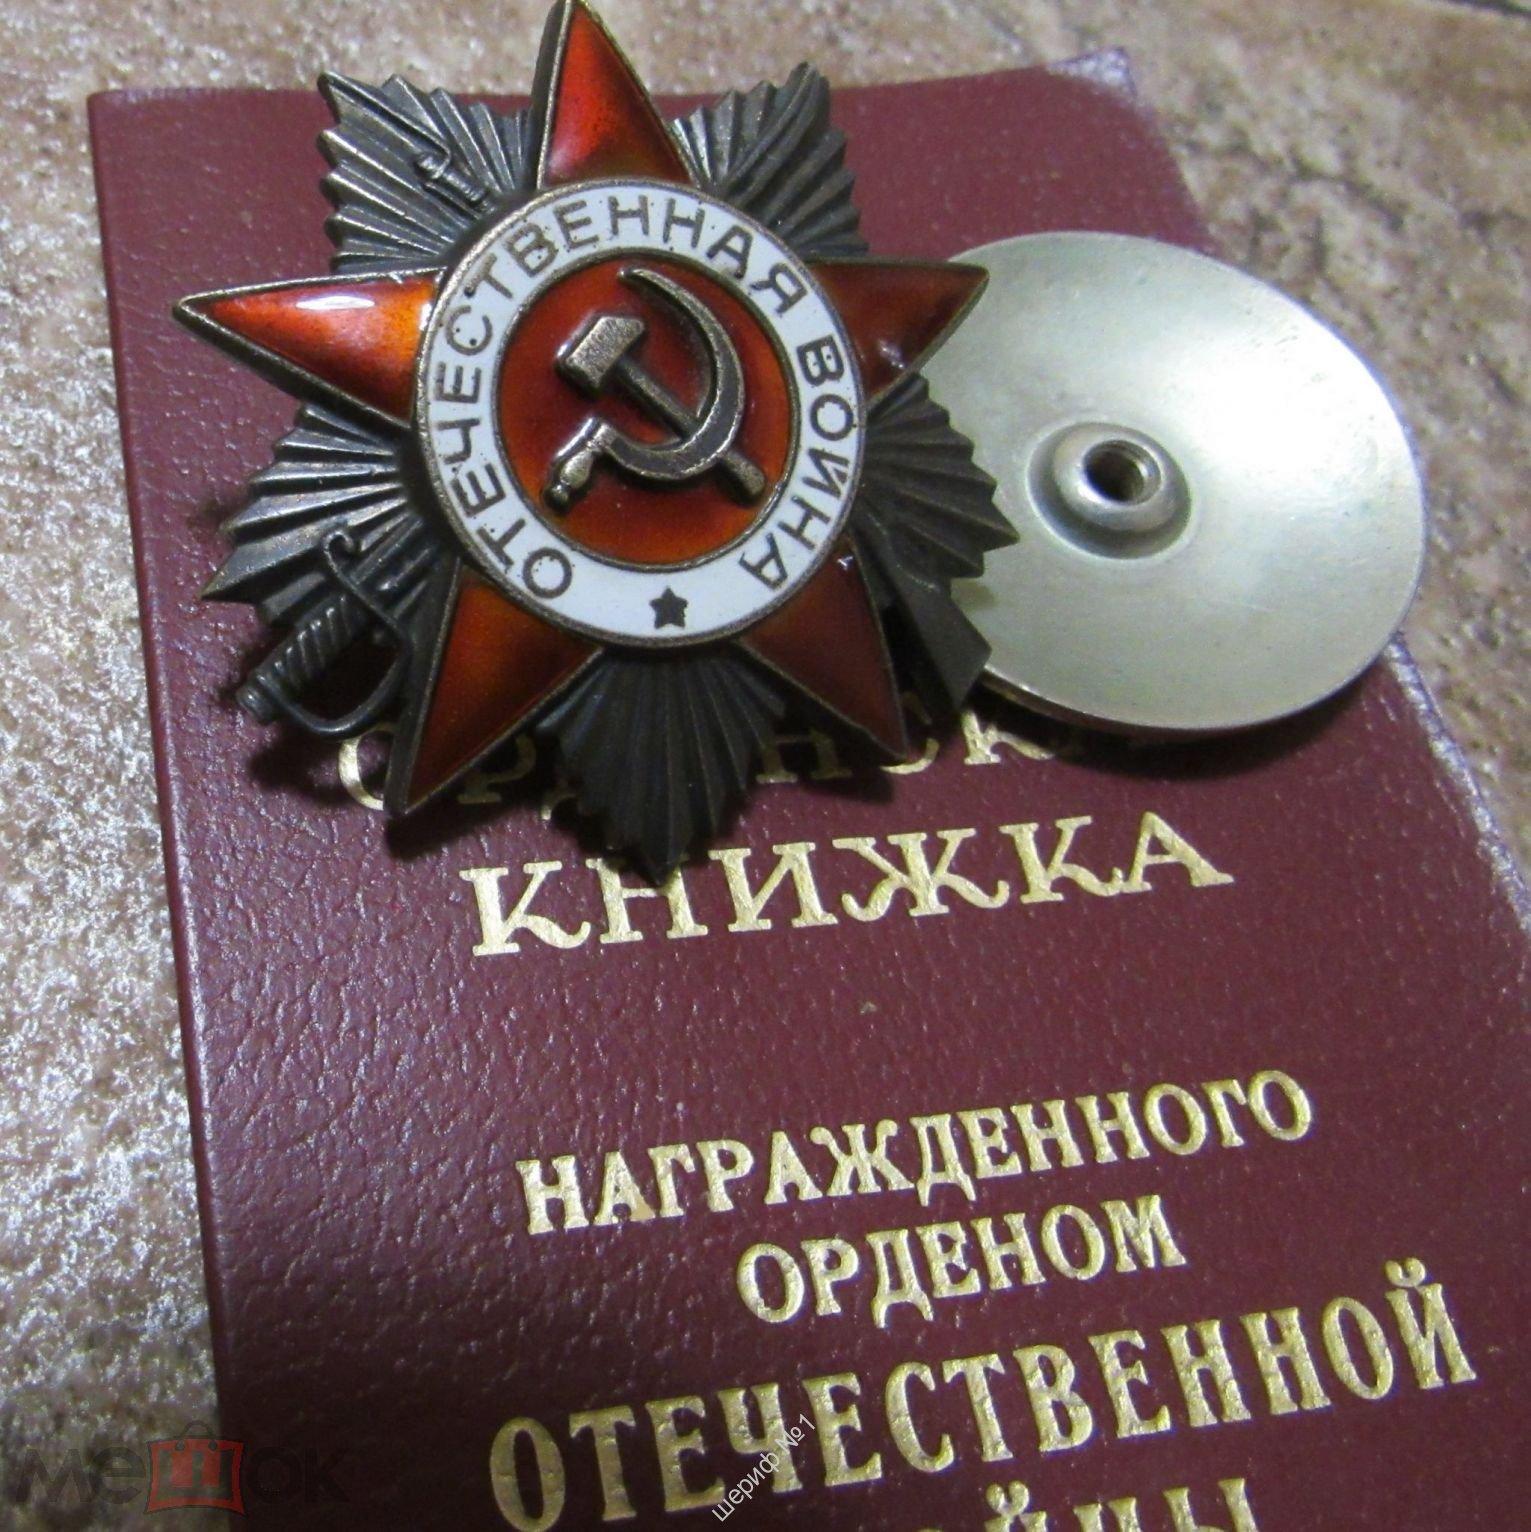 Орден Отечественной войны  1 степени 1985 год юбилейный 2330717 БЮЗ -  БРАК